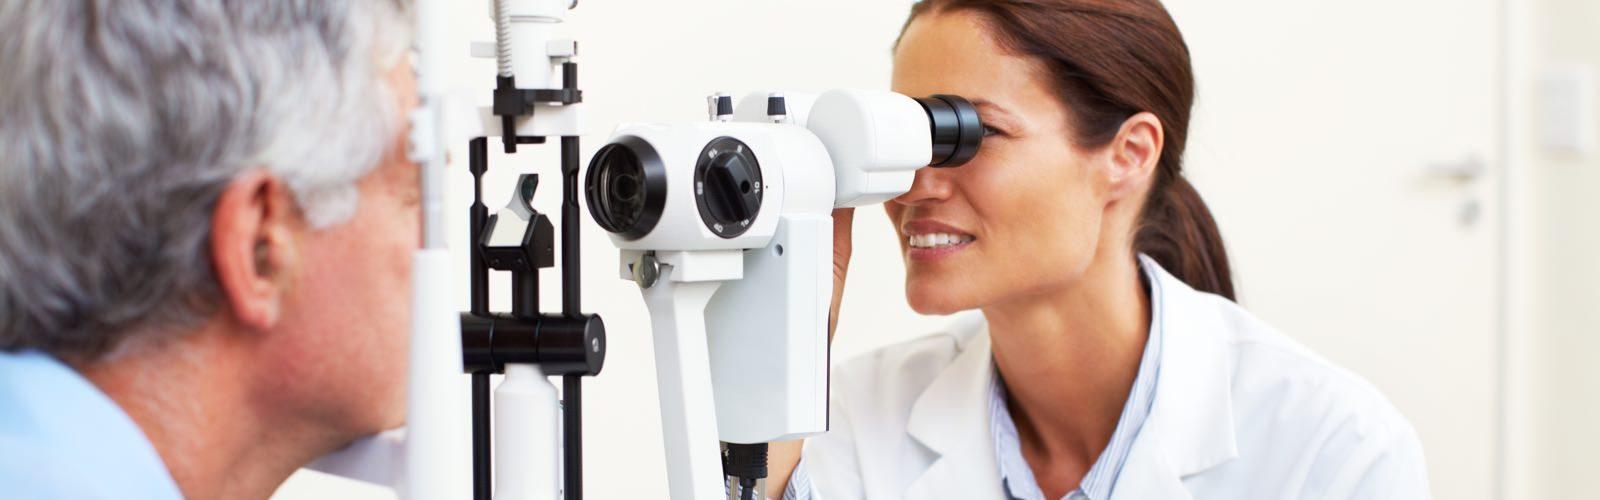 Augenärztin untersucht Patienten.